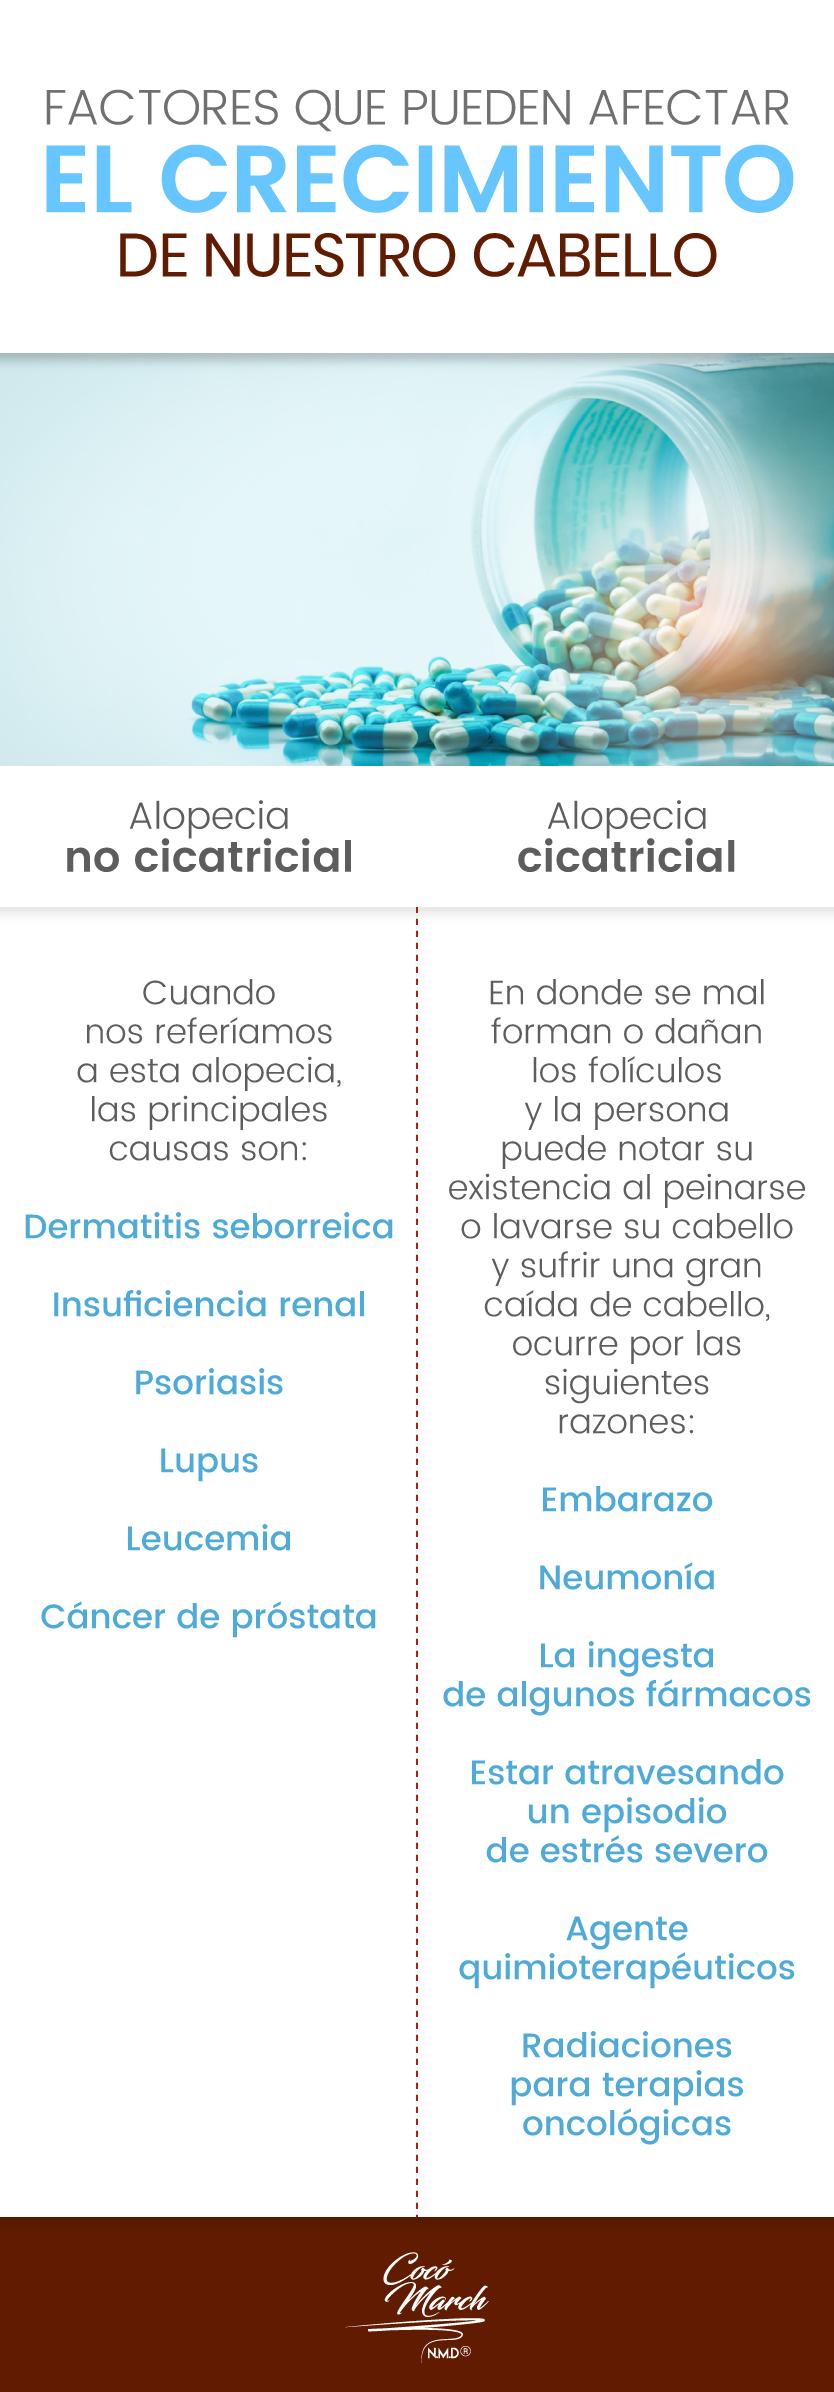 factores-que-afectan-crecimiento-del-cabello